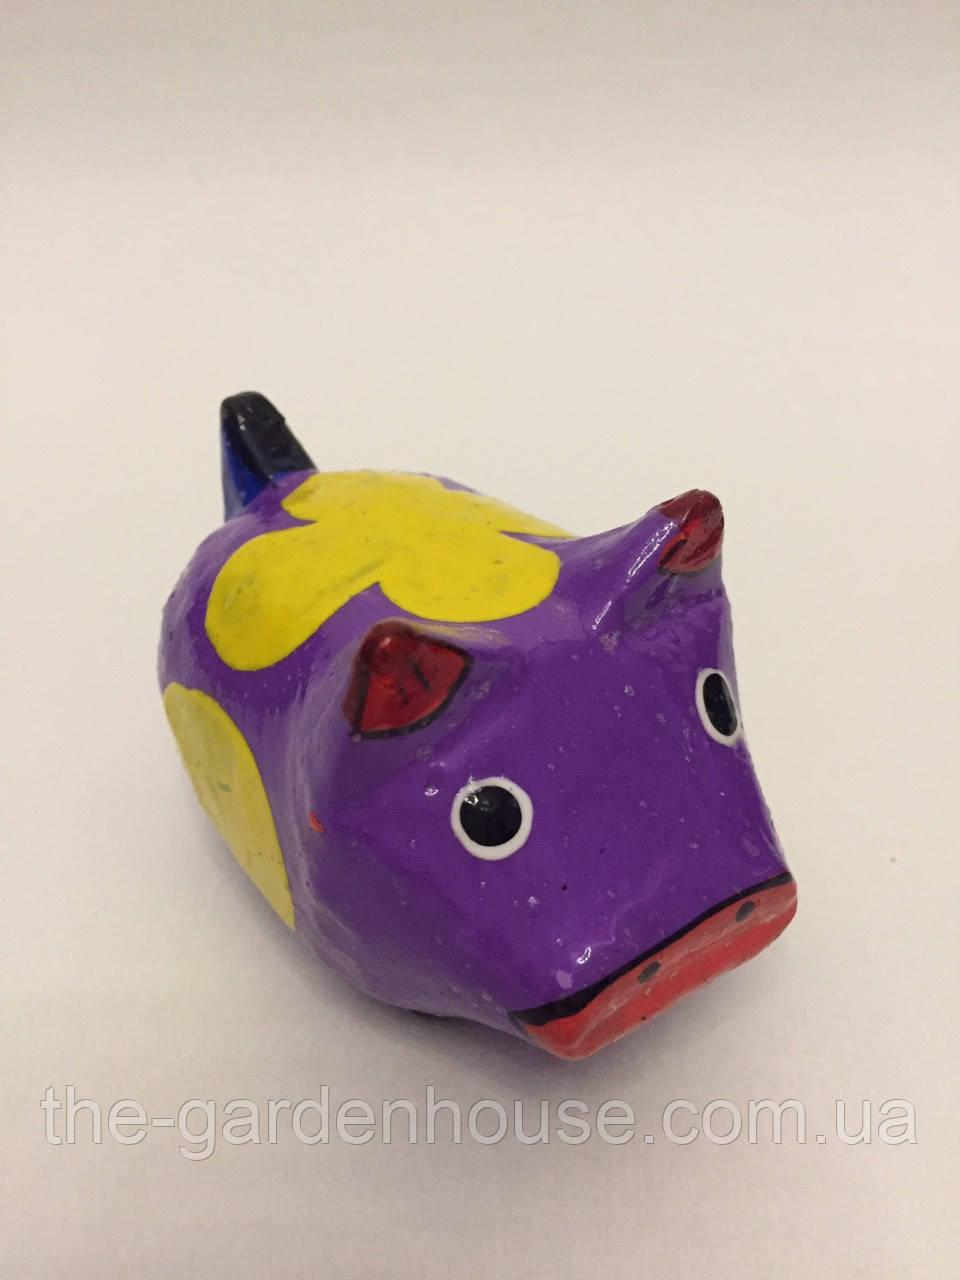 Статуэтка свиньи фиолетовая (9 см), символ 2019 года